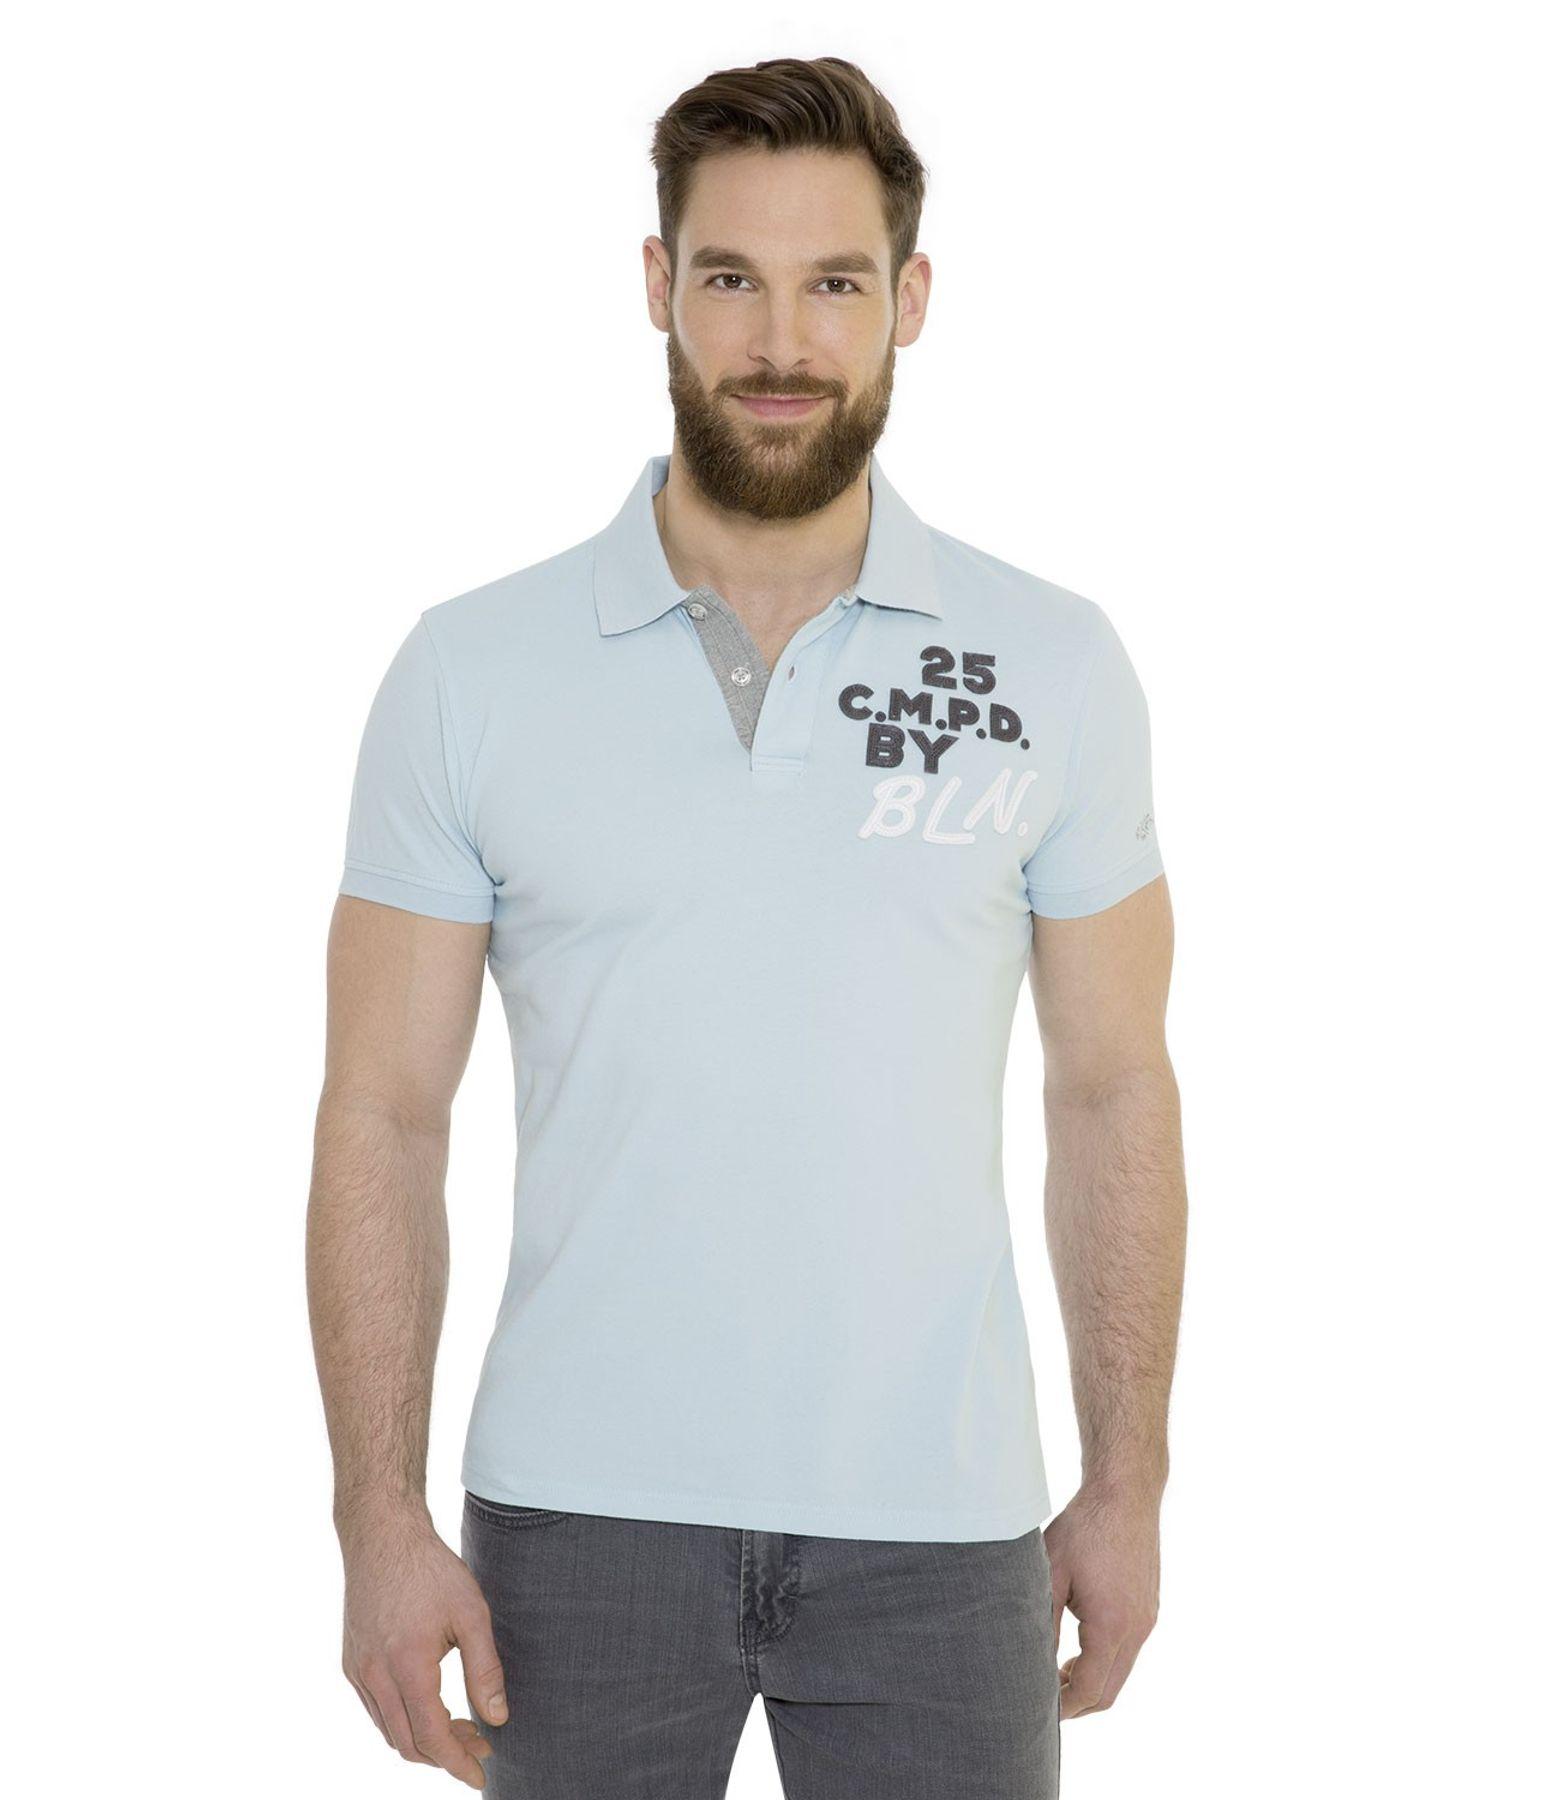 Camp David - Herren Poloshirt in verschiedenen Farben, bis 3XL (CHS-1804-3021)  – Bild 5